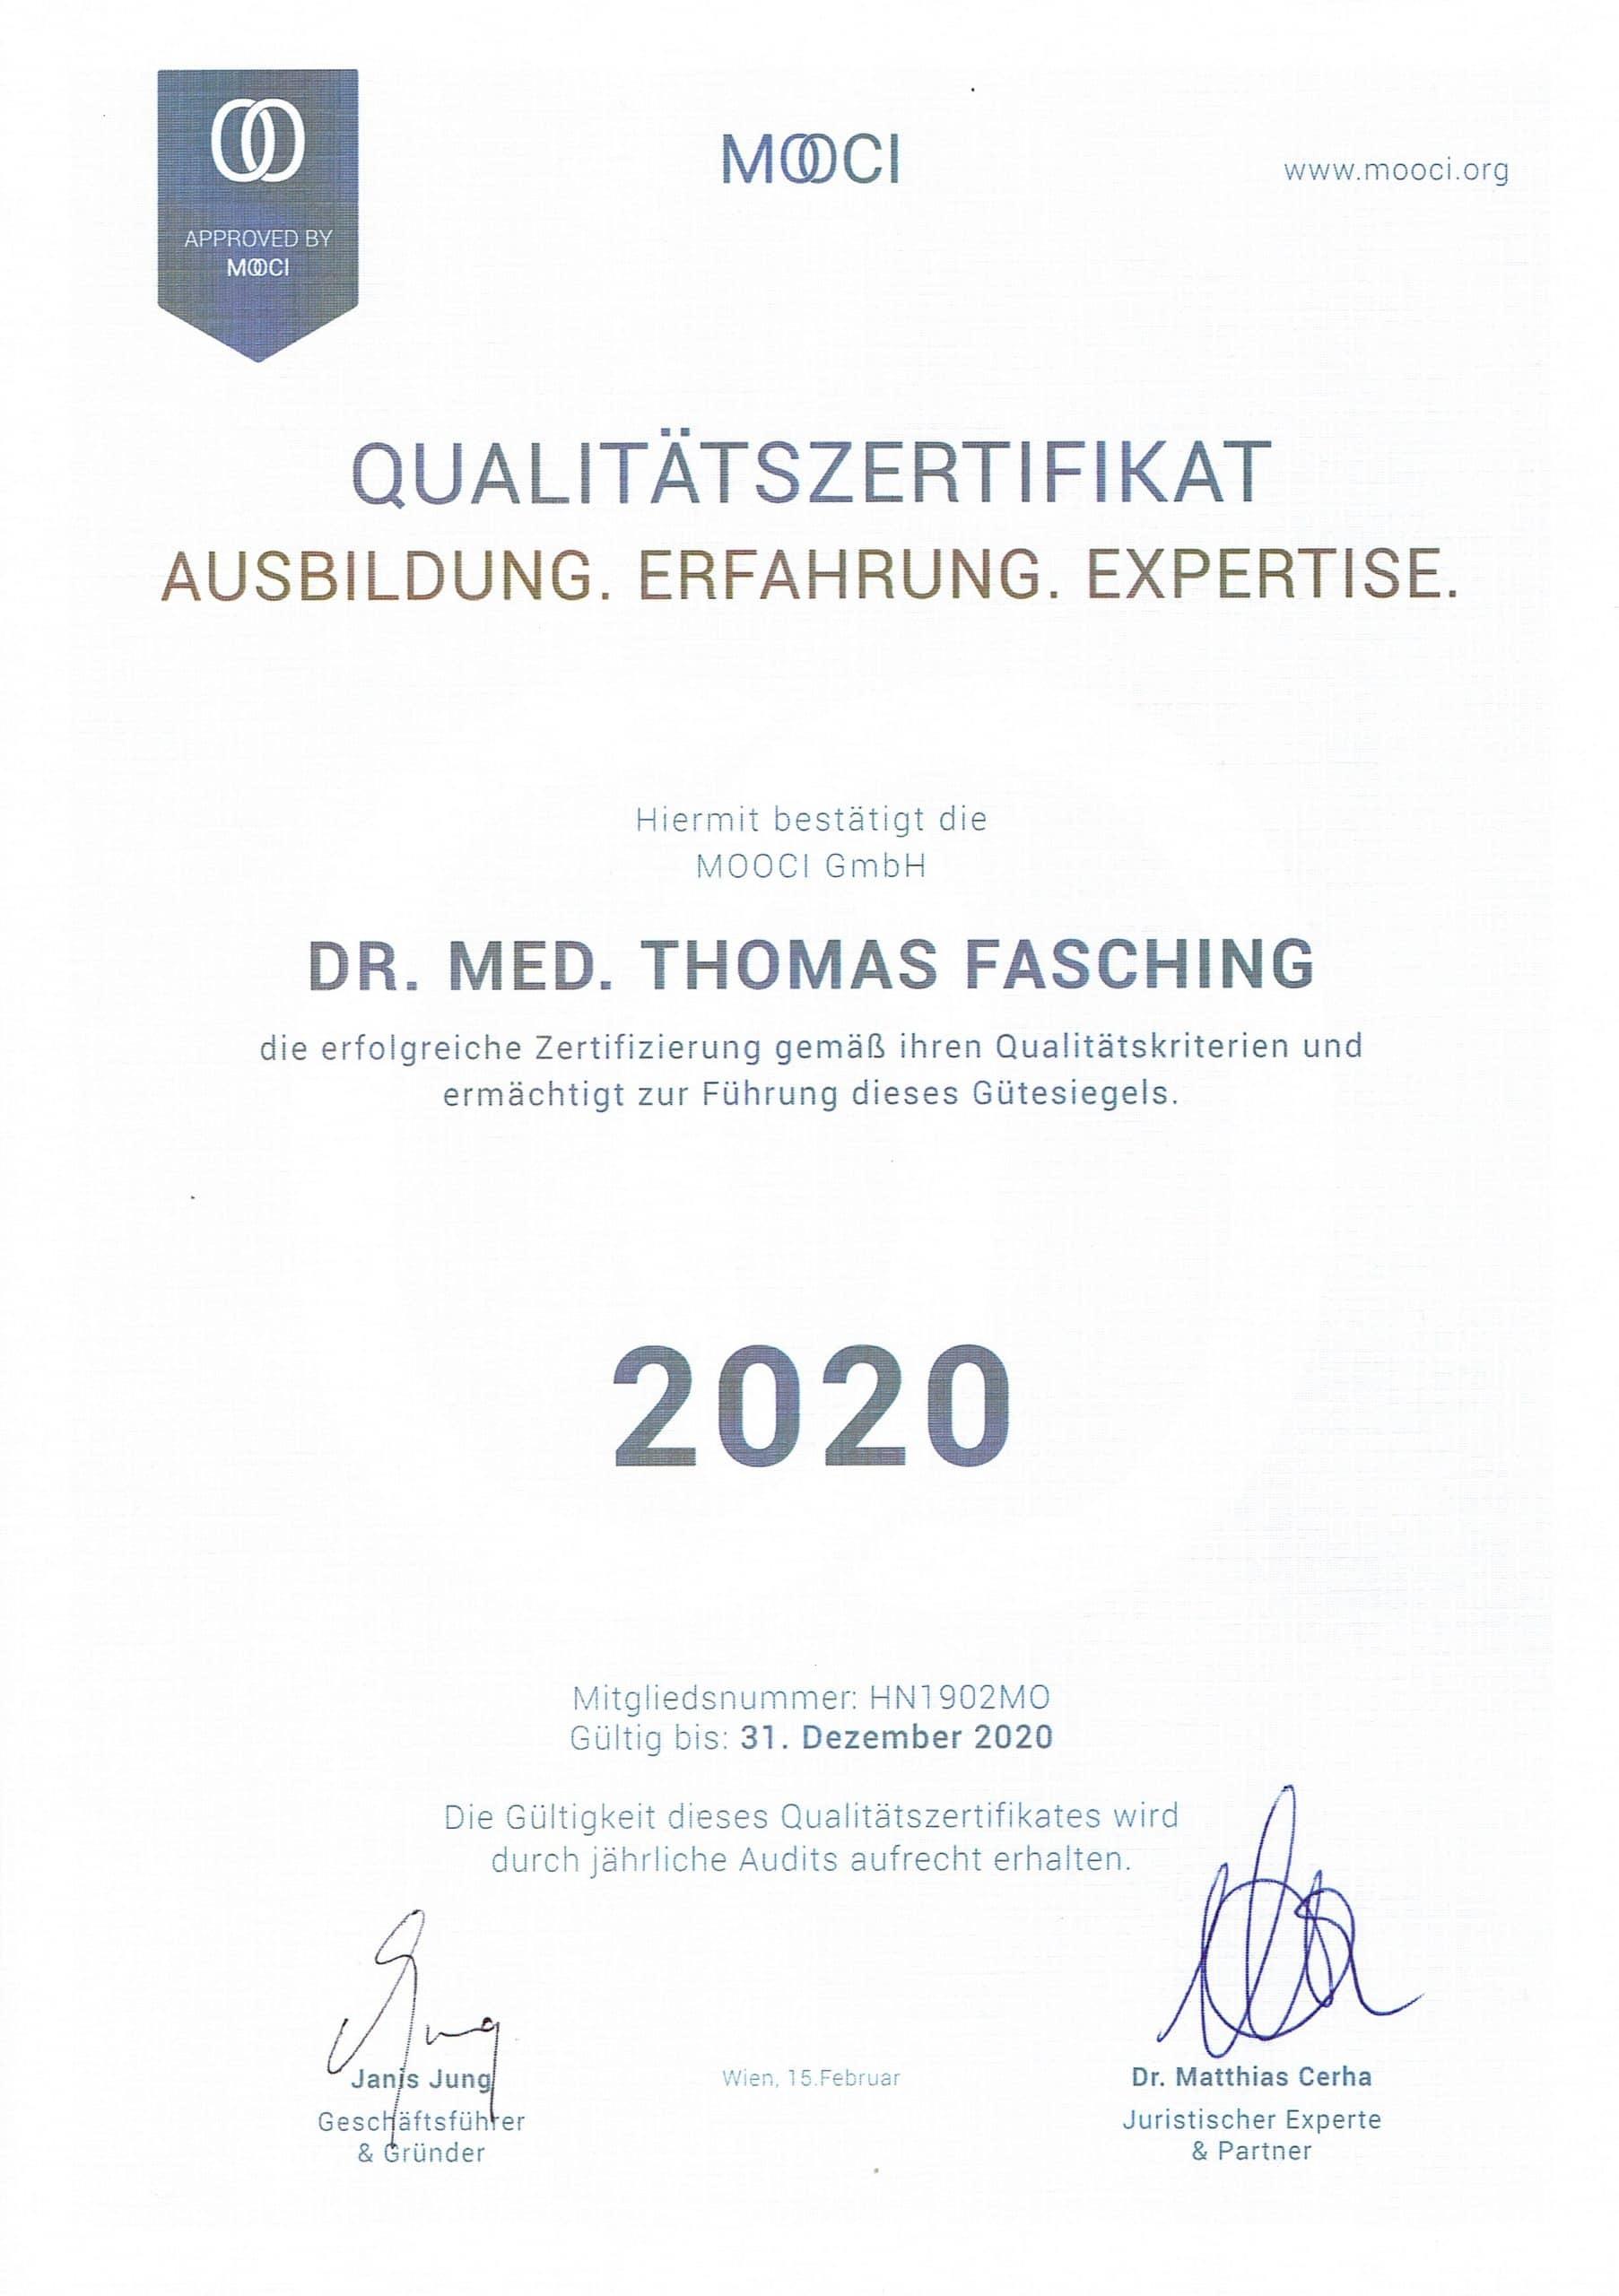 MOOCI Qualitätszertifikat